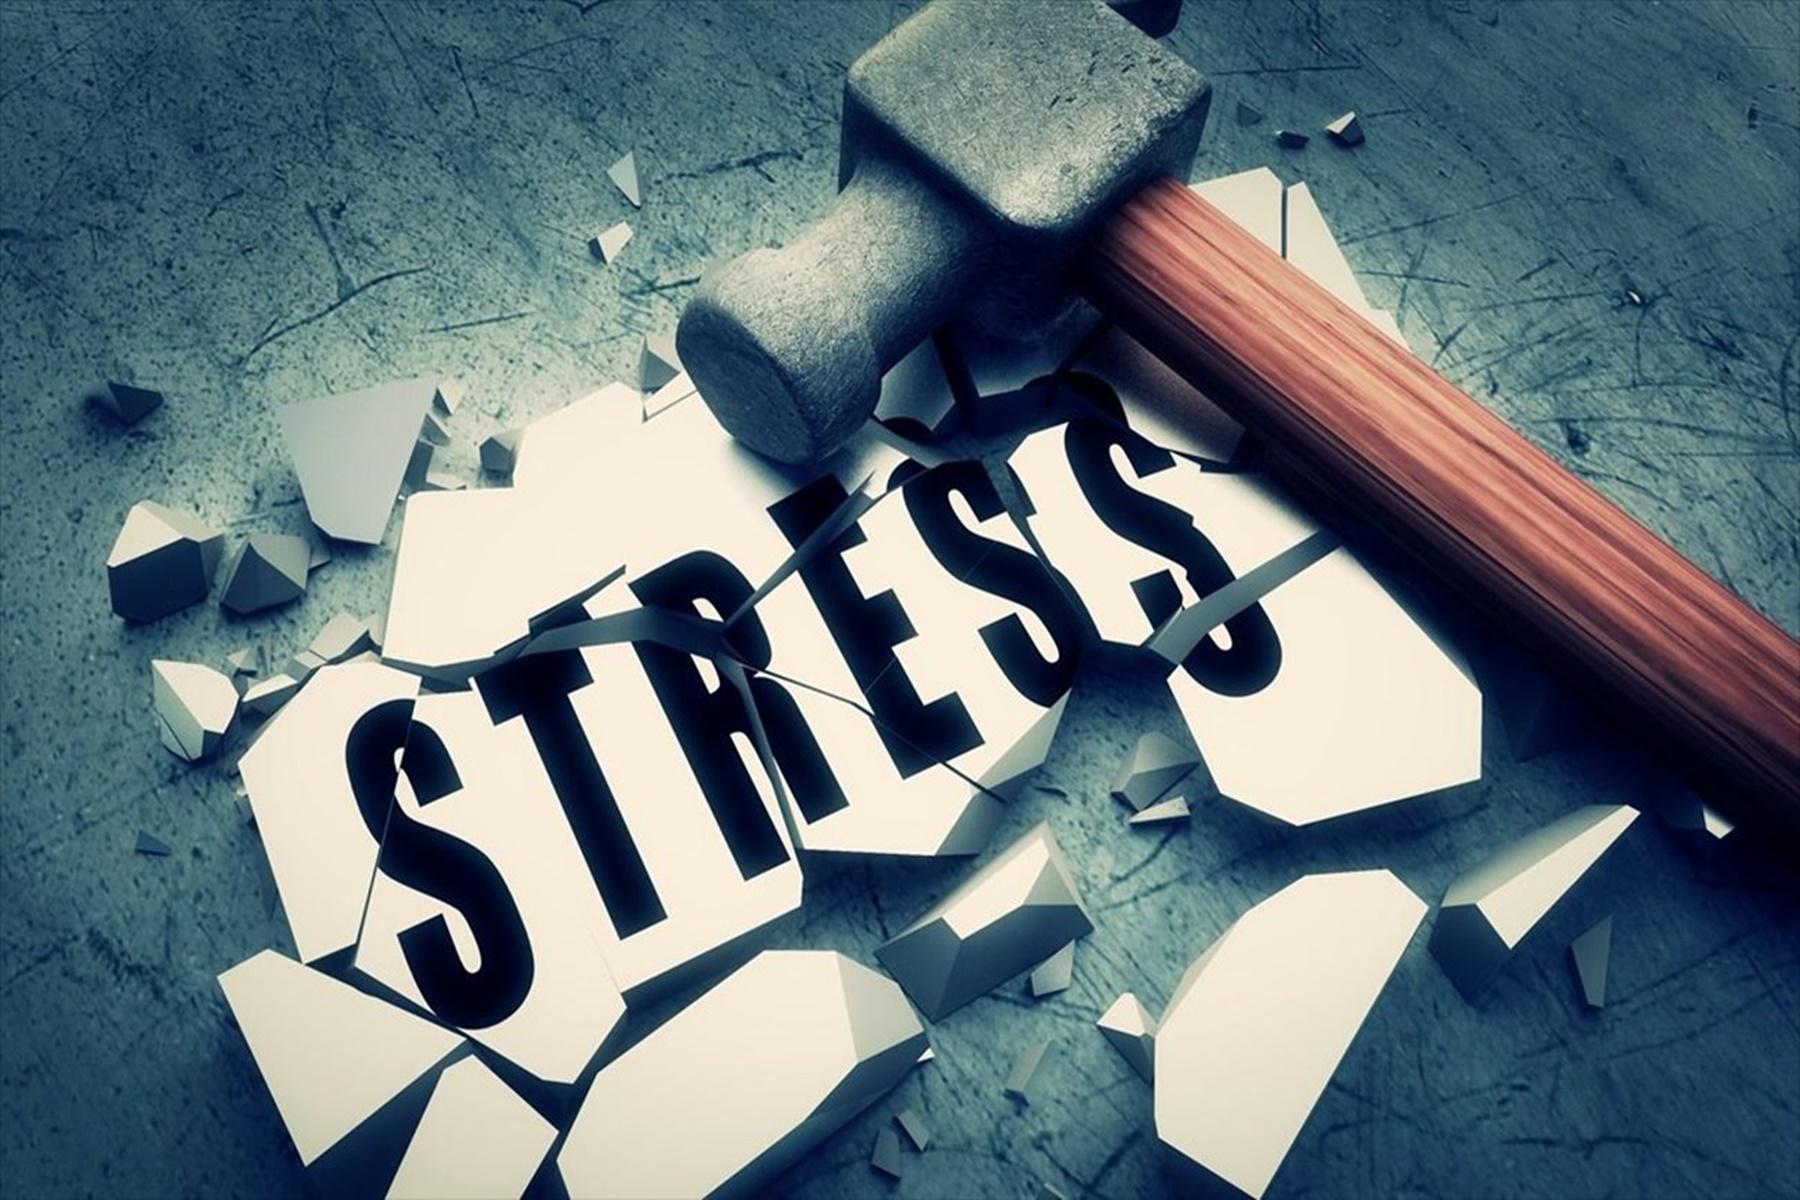 Κοινωνικό άγχος : Συμβουλές για να το ξεπεράσετε